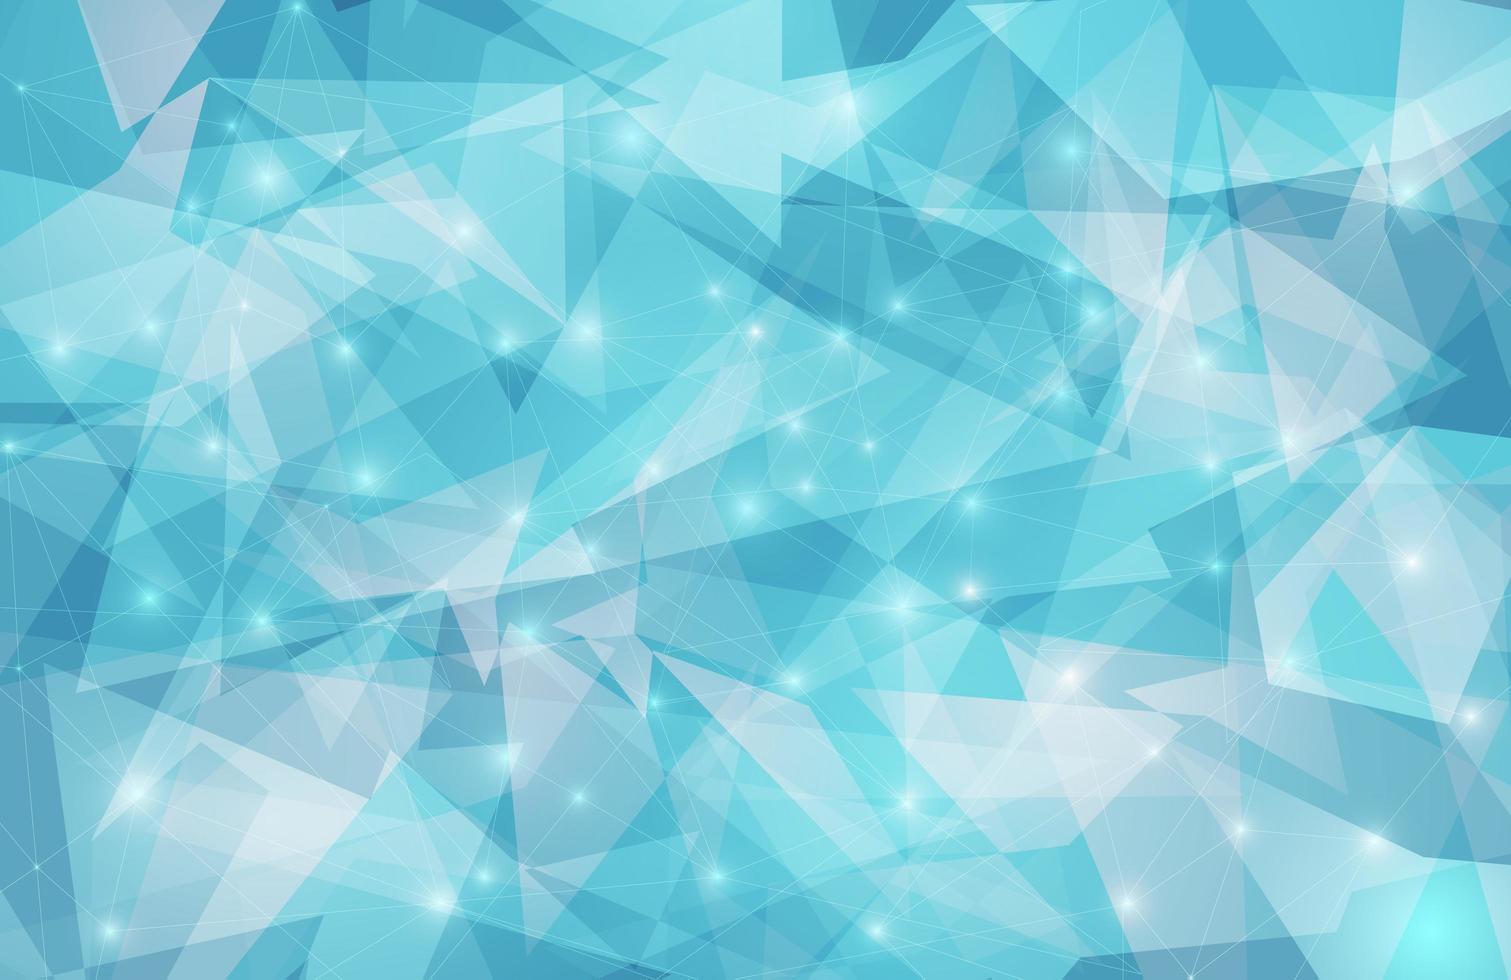 disegno del modello triangolo sparkle blu vettore